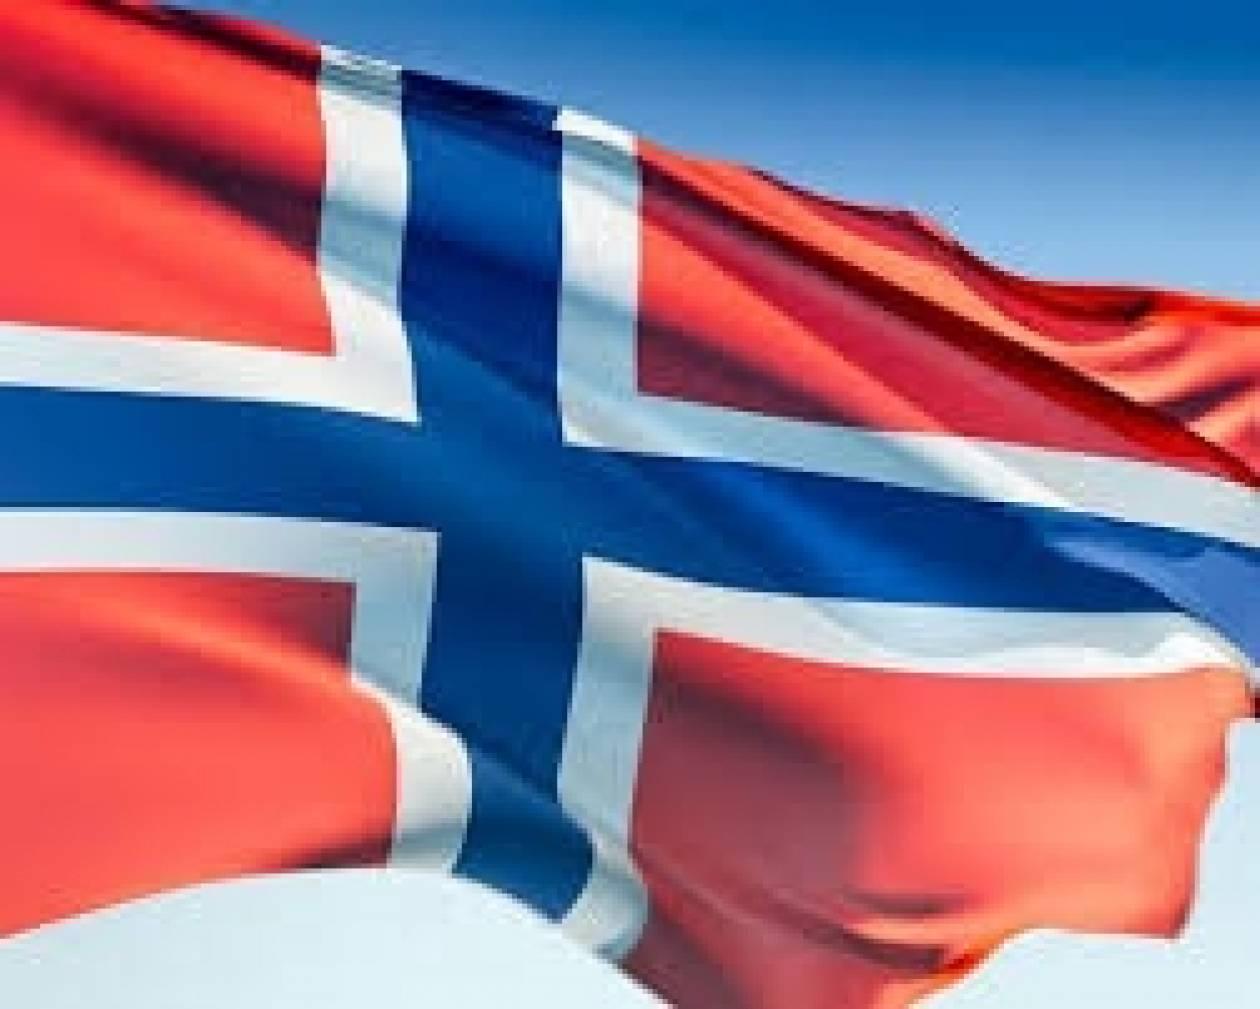 Αποκλείει δημοψήφισμα για τη μετανάστευση η Νορβηγία